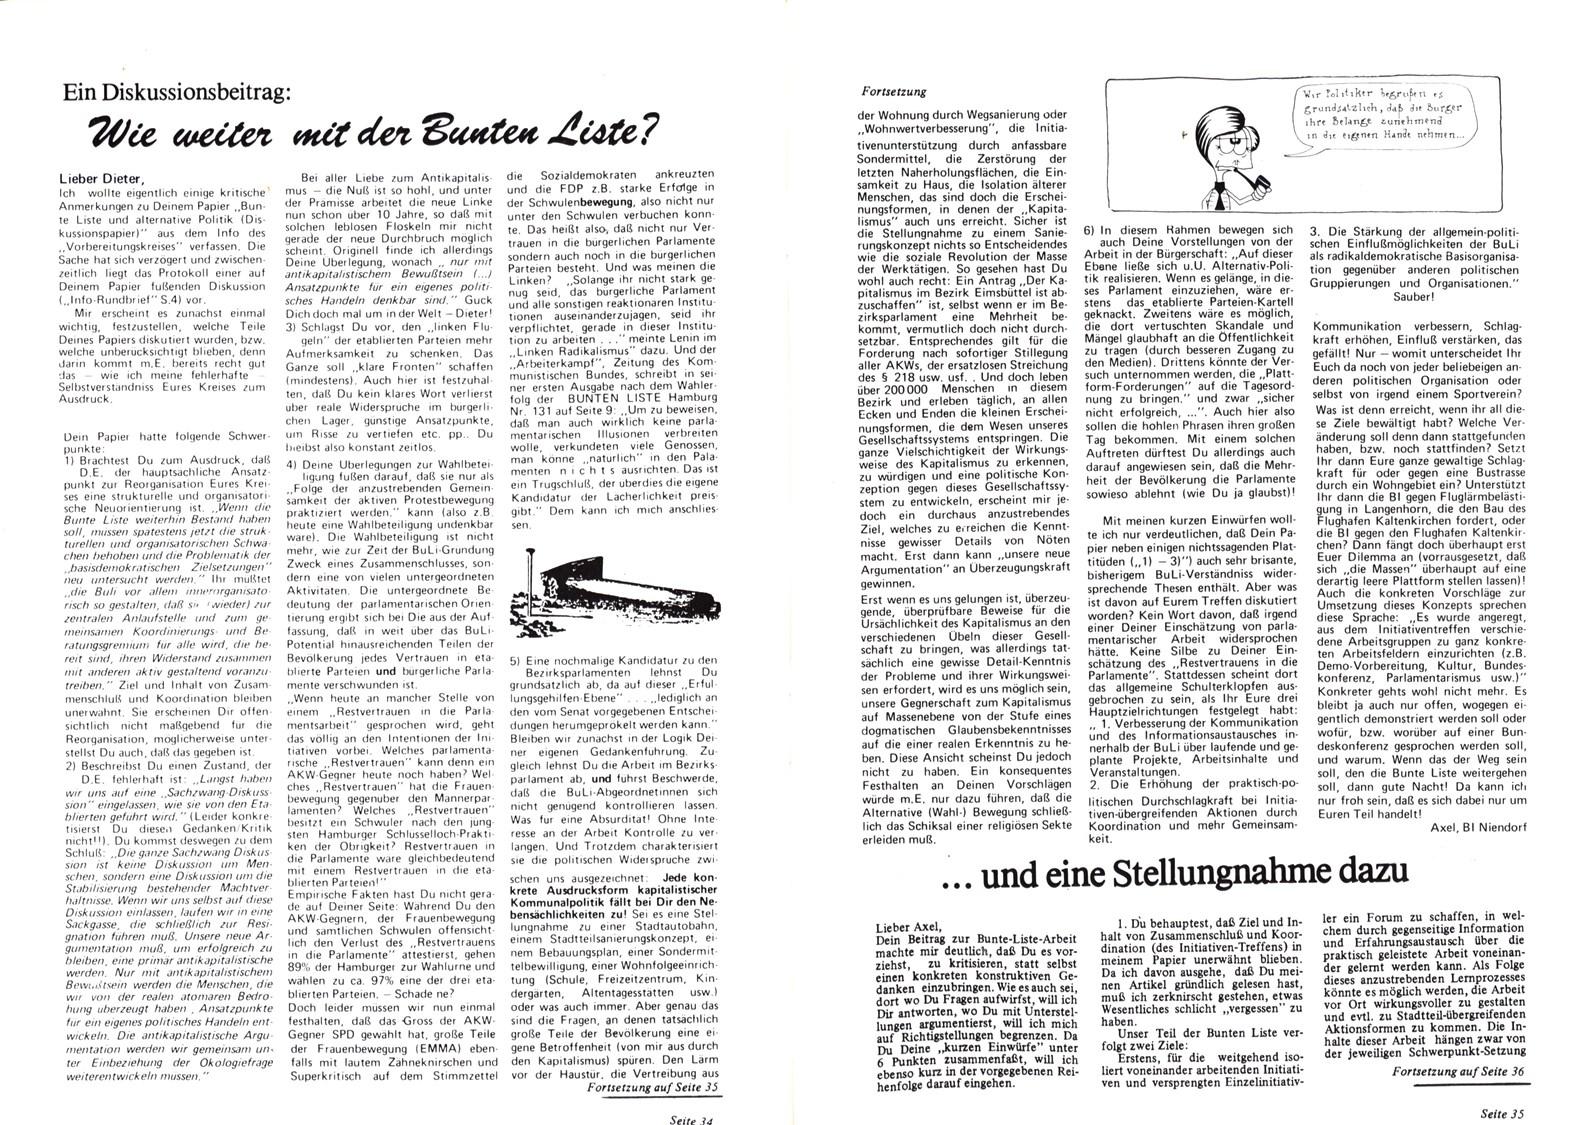 Hamburg_BuLi_Info_19810200_18